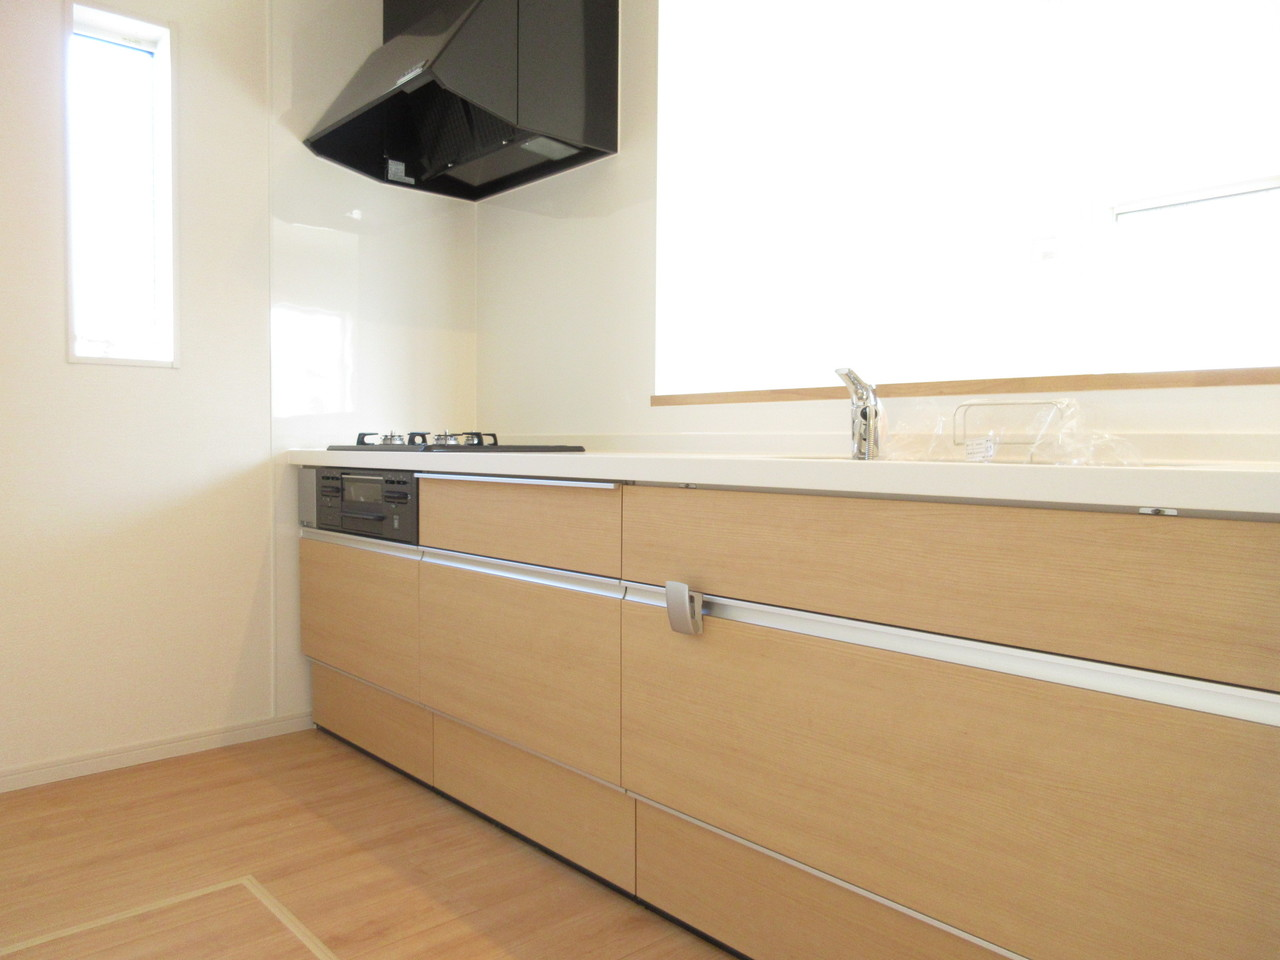 キッチンに立たれた奥様が家族の様子をぐるり見渡せる開放的なリビング空間。